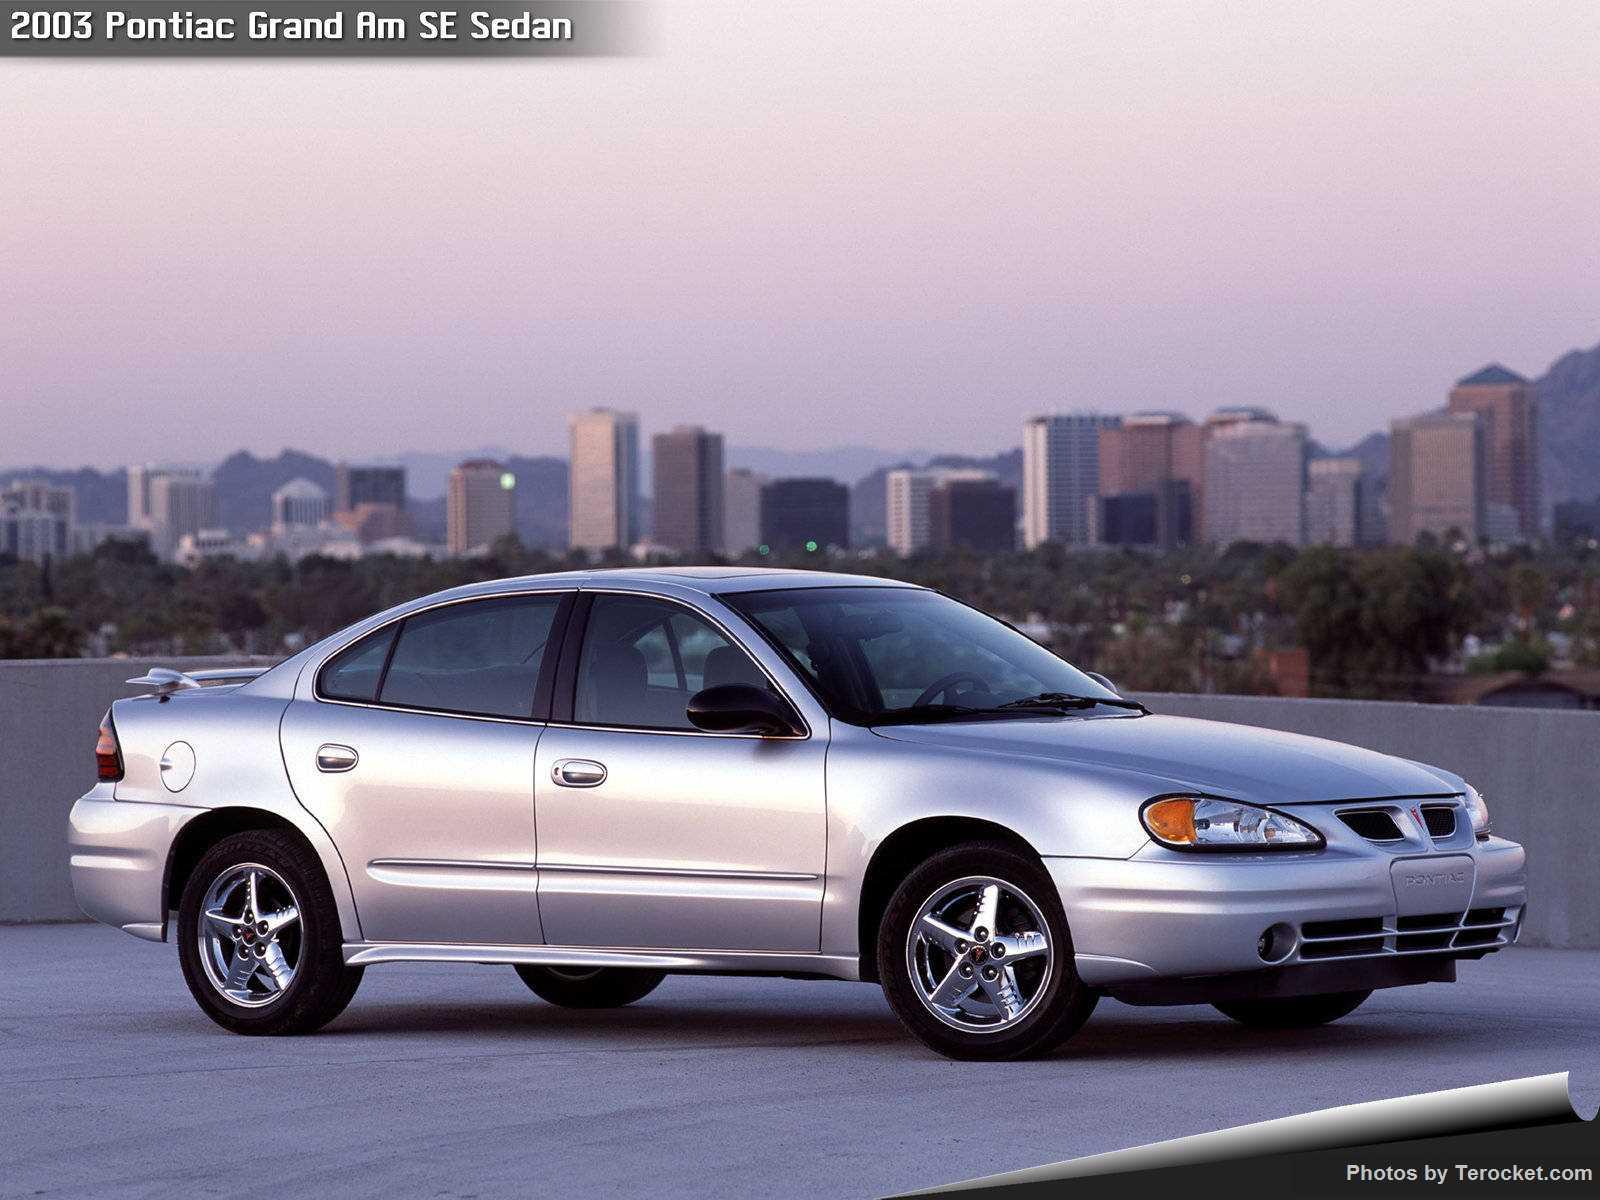 Hình ảnh xe ô tô Pontiac Grand Am SE Sedan 2003 & nội ngoại thất